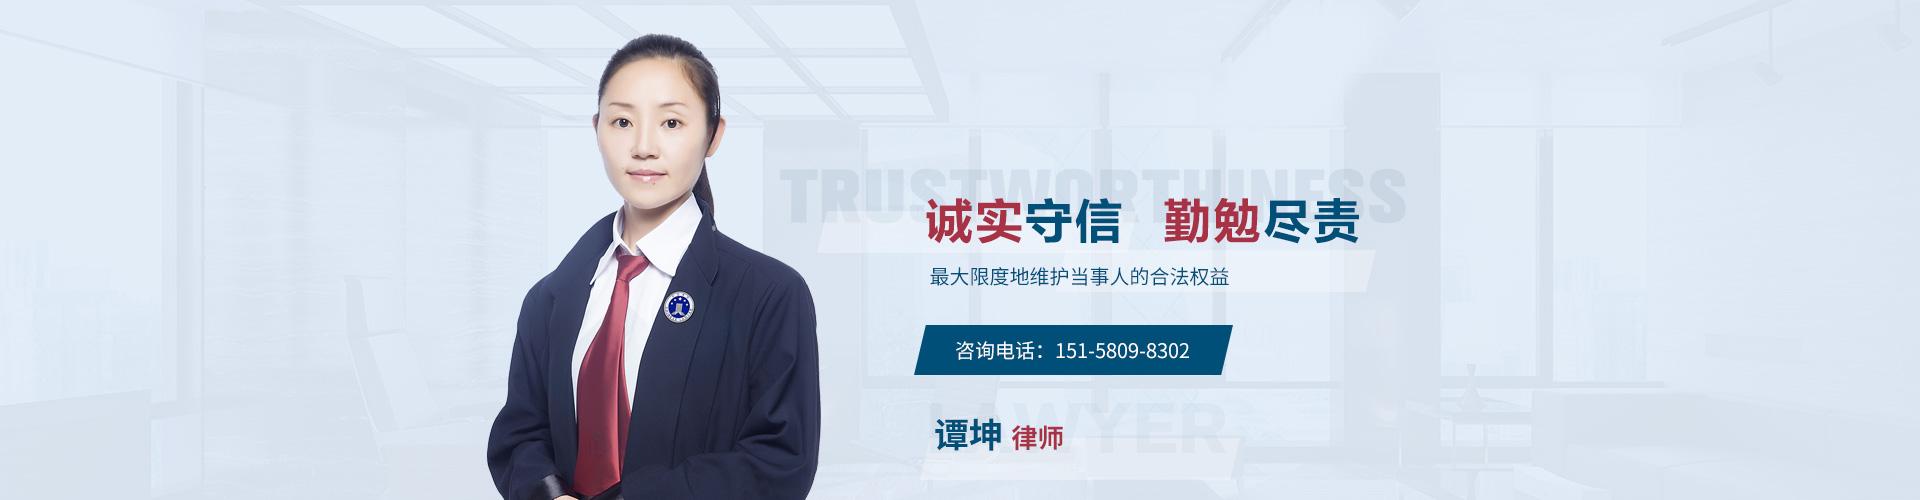 杭州谭坤律师